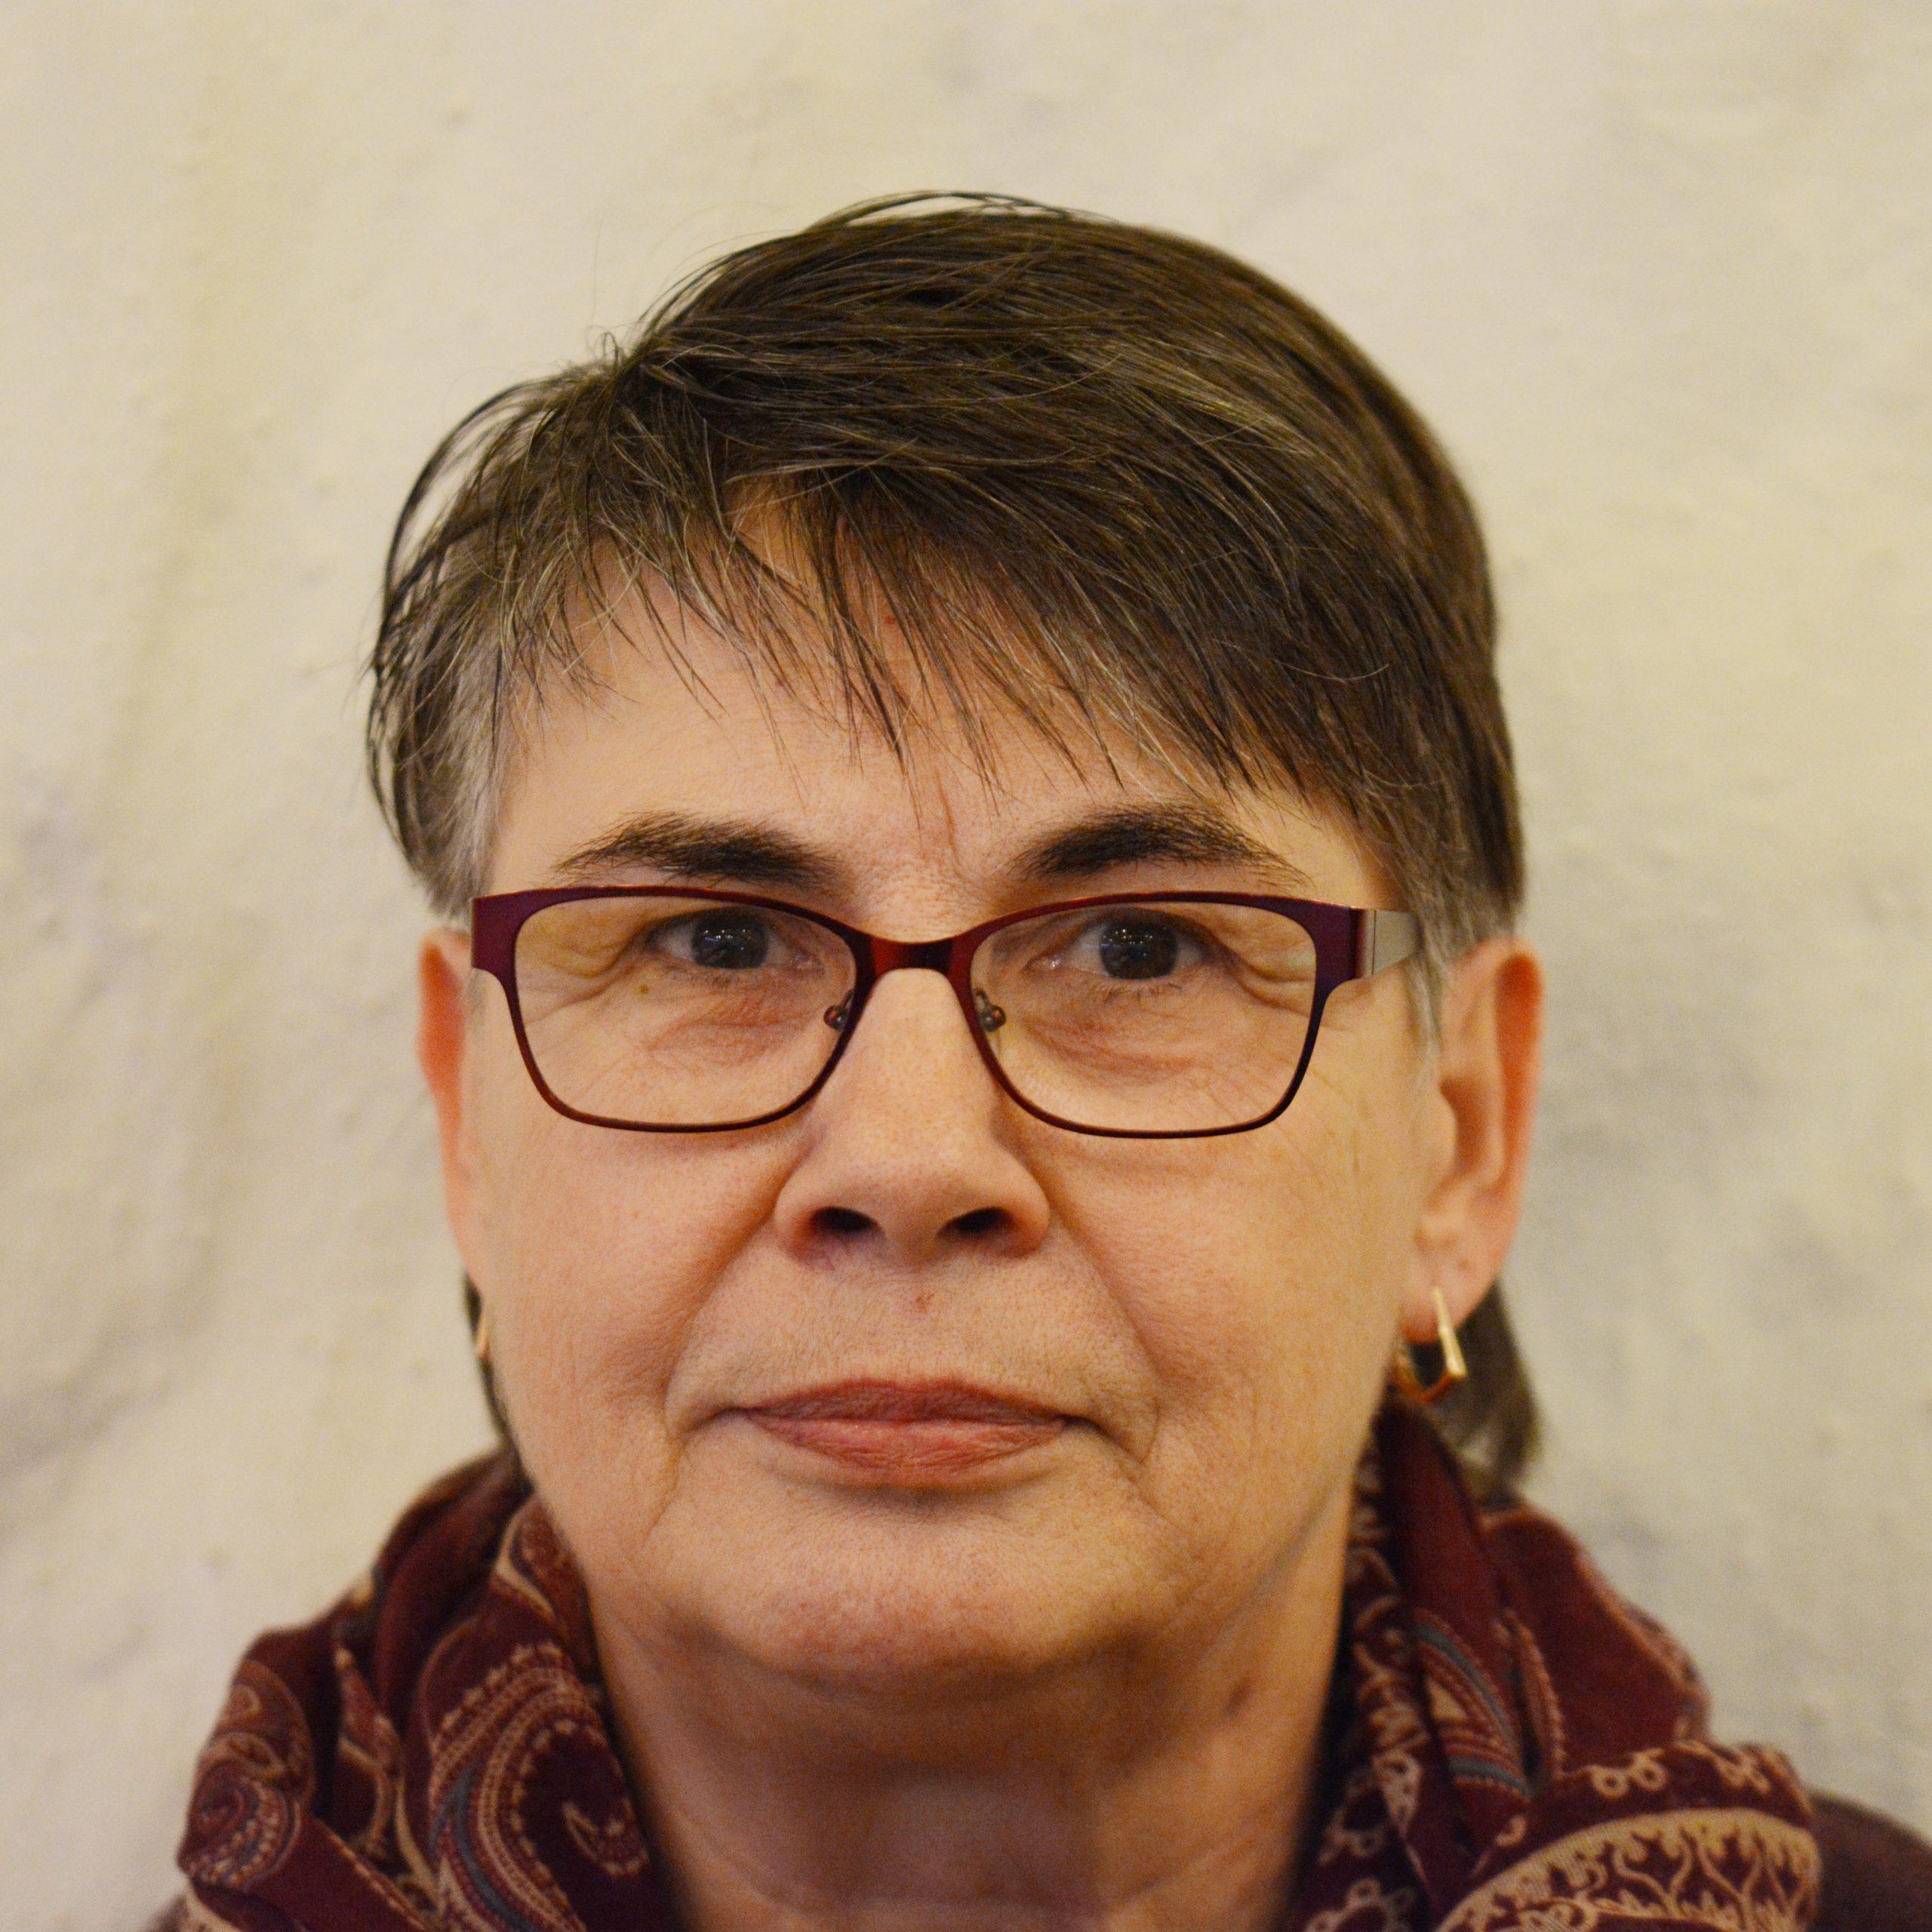 Marion Lukassen ist Vorsitzende des gemeindlichen Schulausschusses